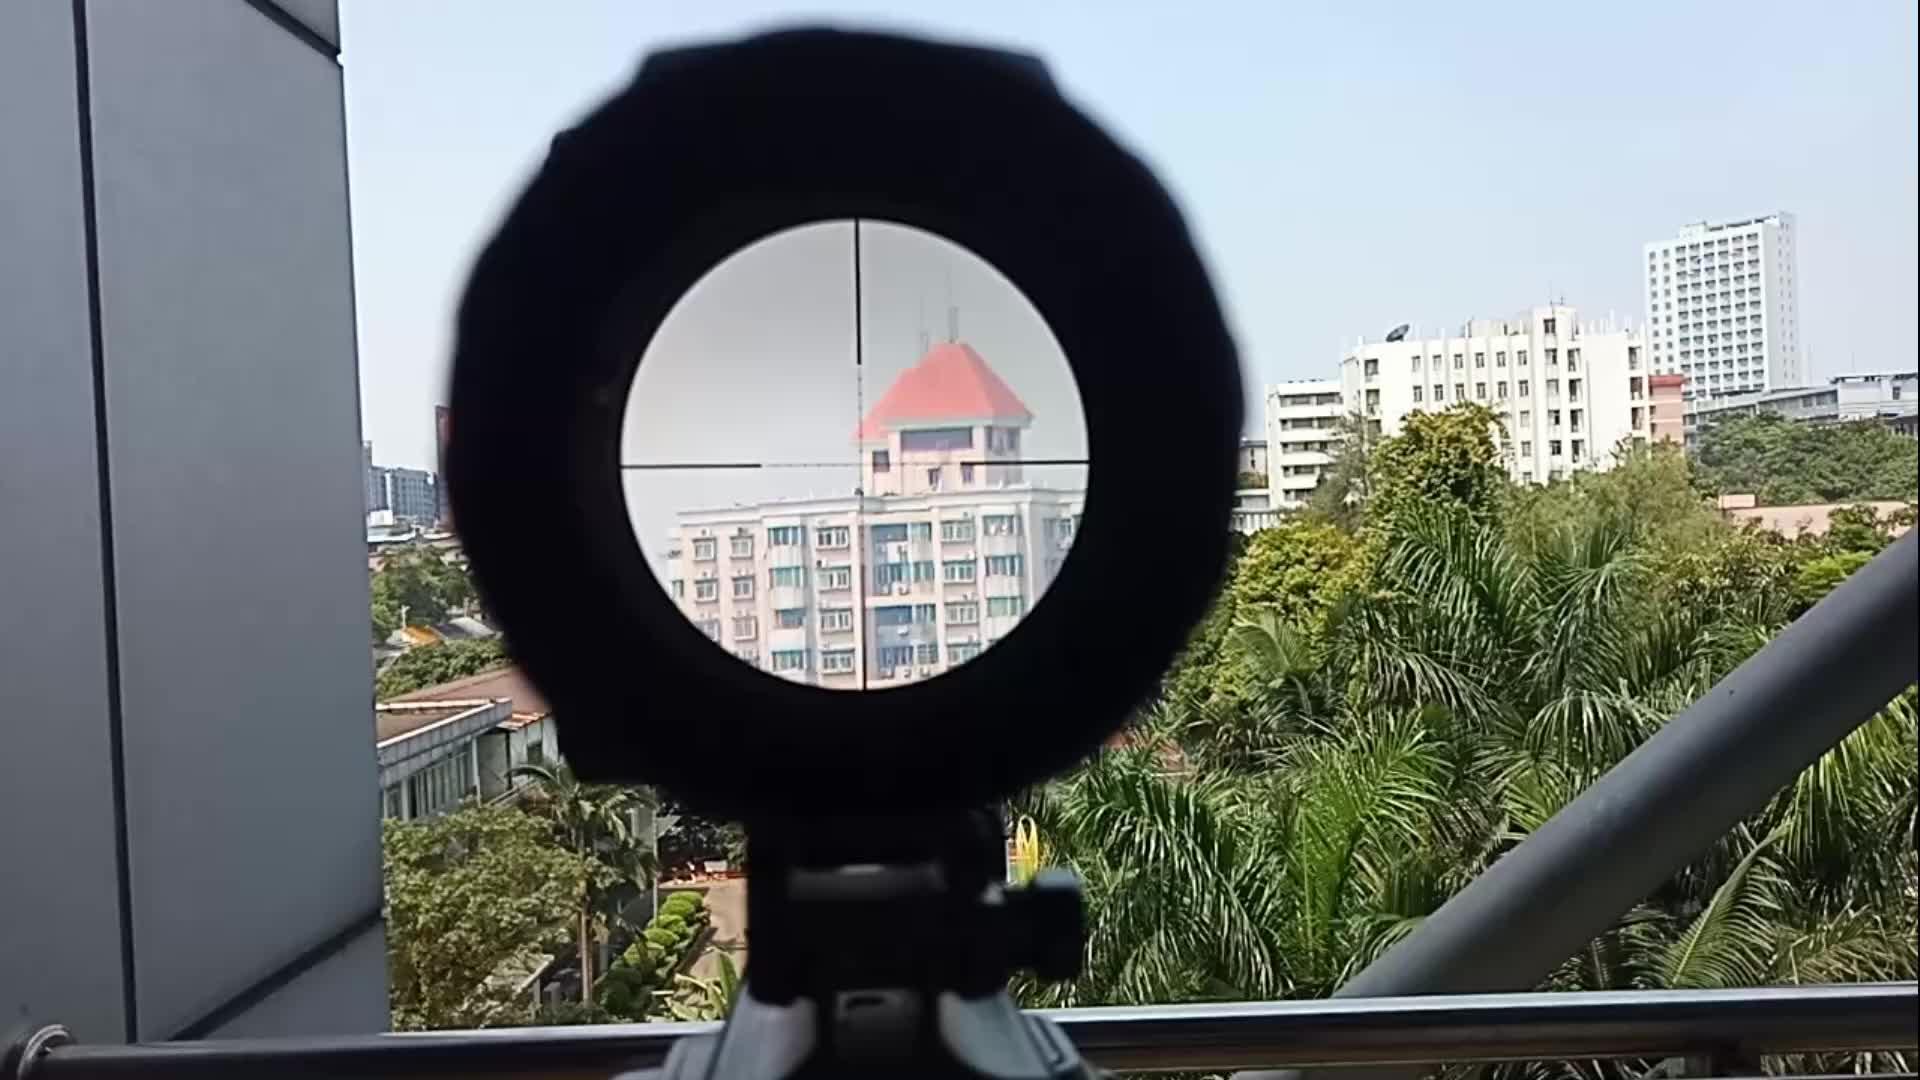 4-16X56 लाख डॉट ग्लास Etched लजीला व्यक्ति पक्ष पहिया लंबन समायोजन Turrets रीसेट hd उच्च रेंज राइफल scopes